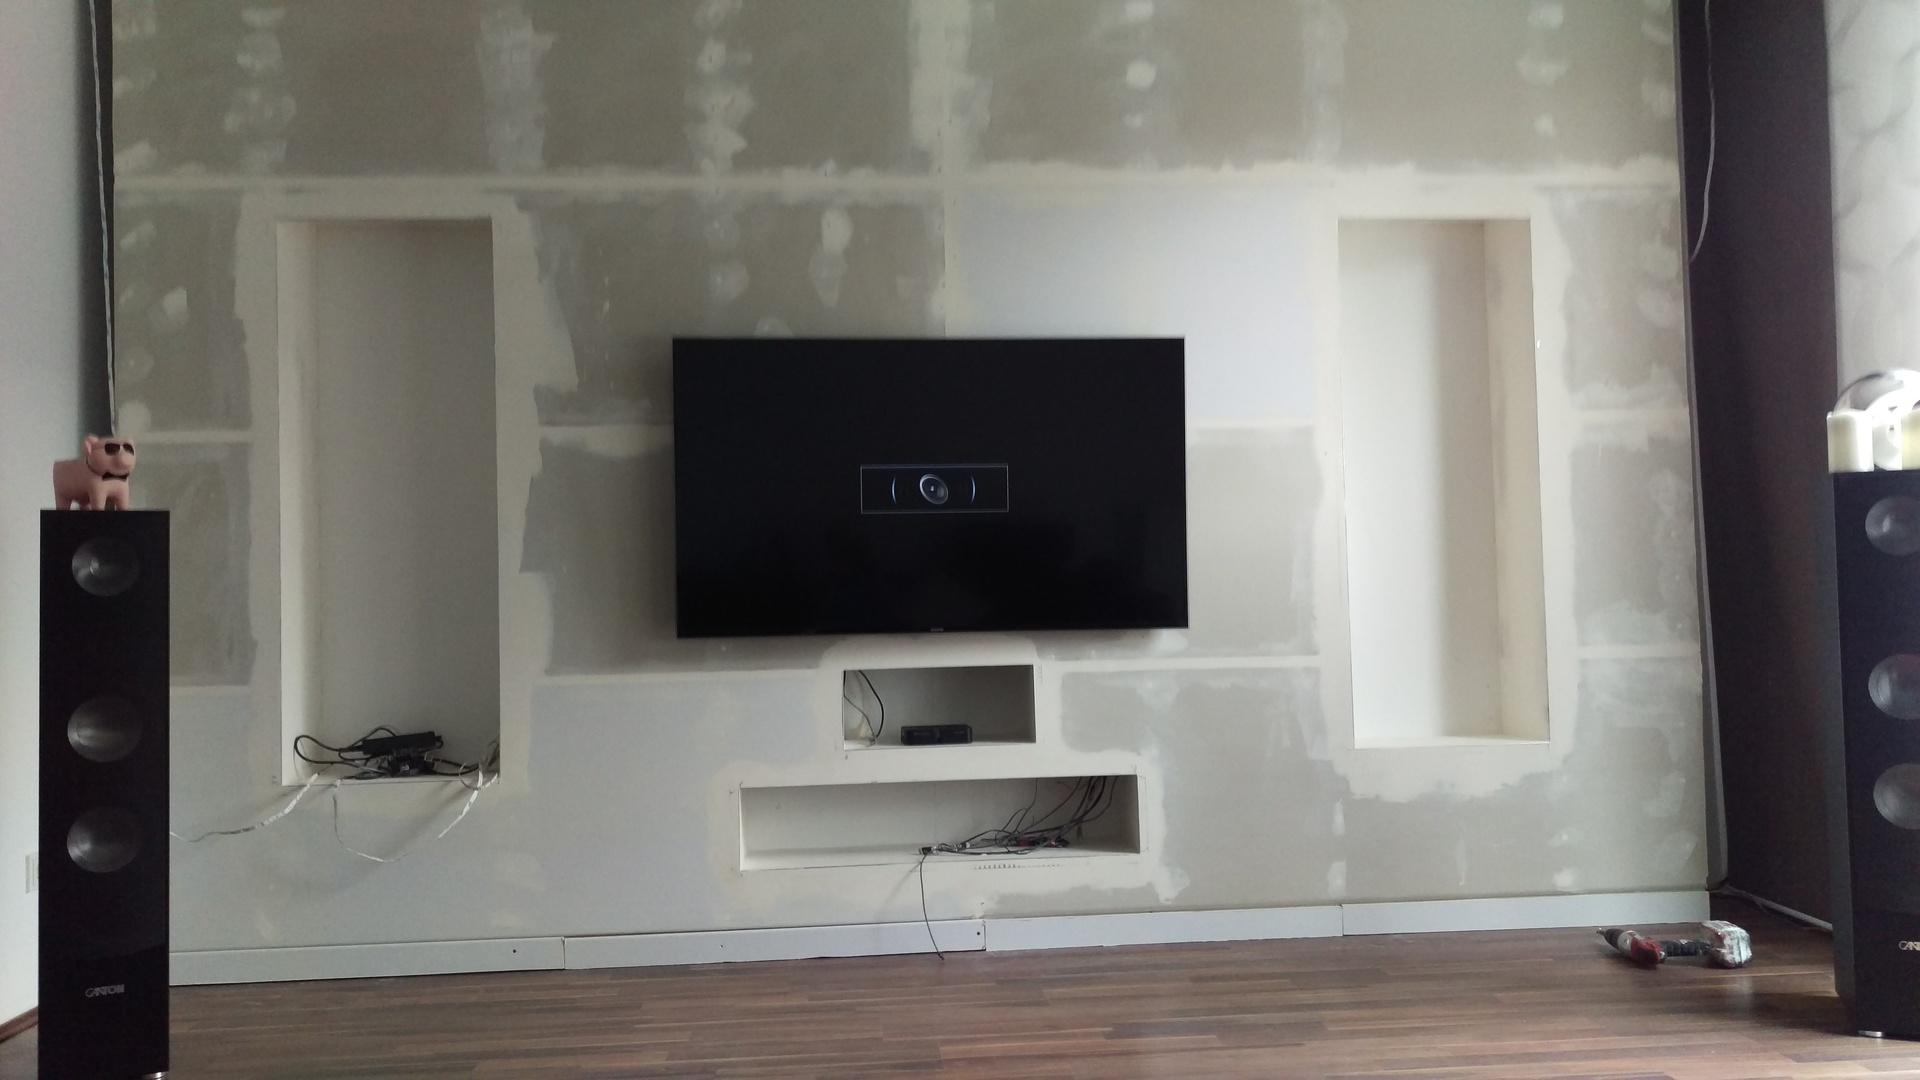 kabelkanal fernseher wand unterputz m bel design idee f r sie. Black Bedroom Furniture Sets. Home Design Ideas